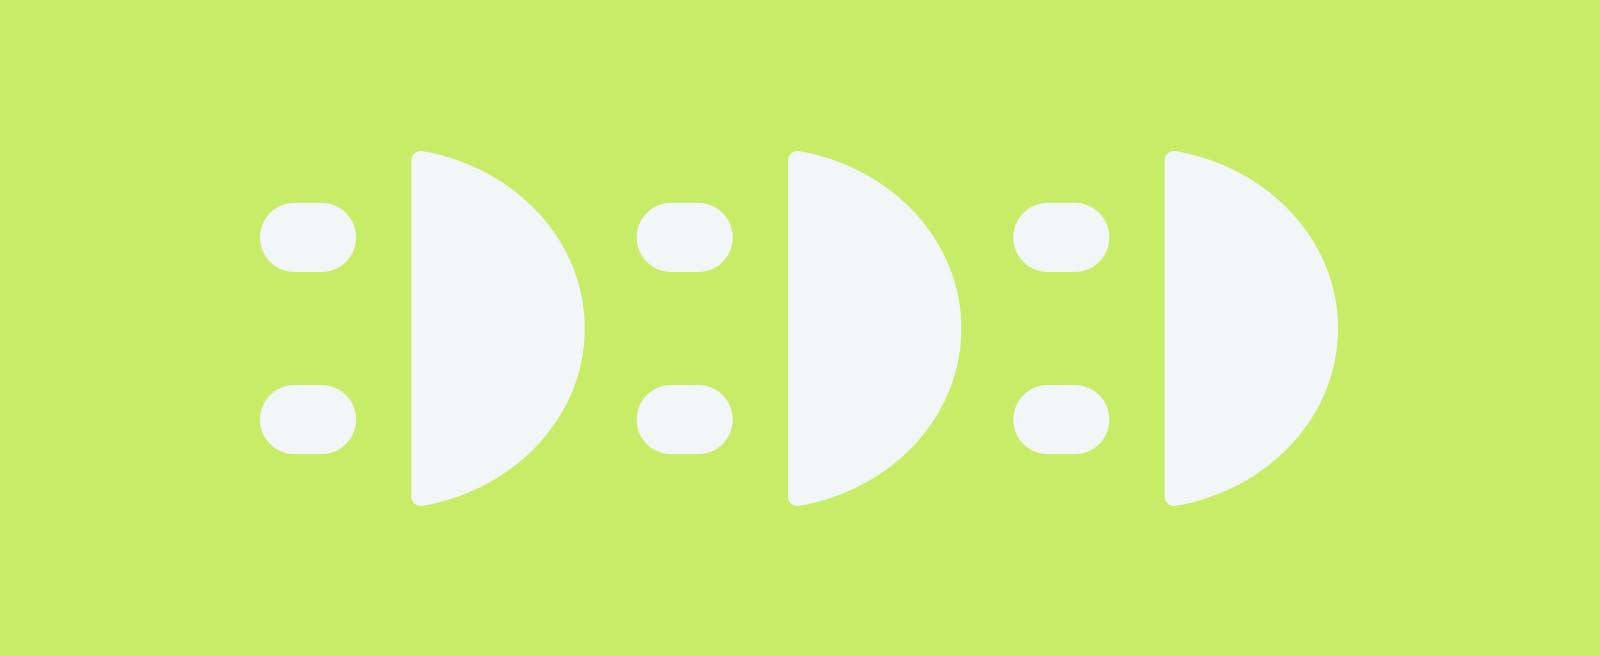 ddd.png